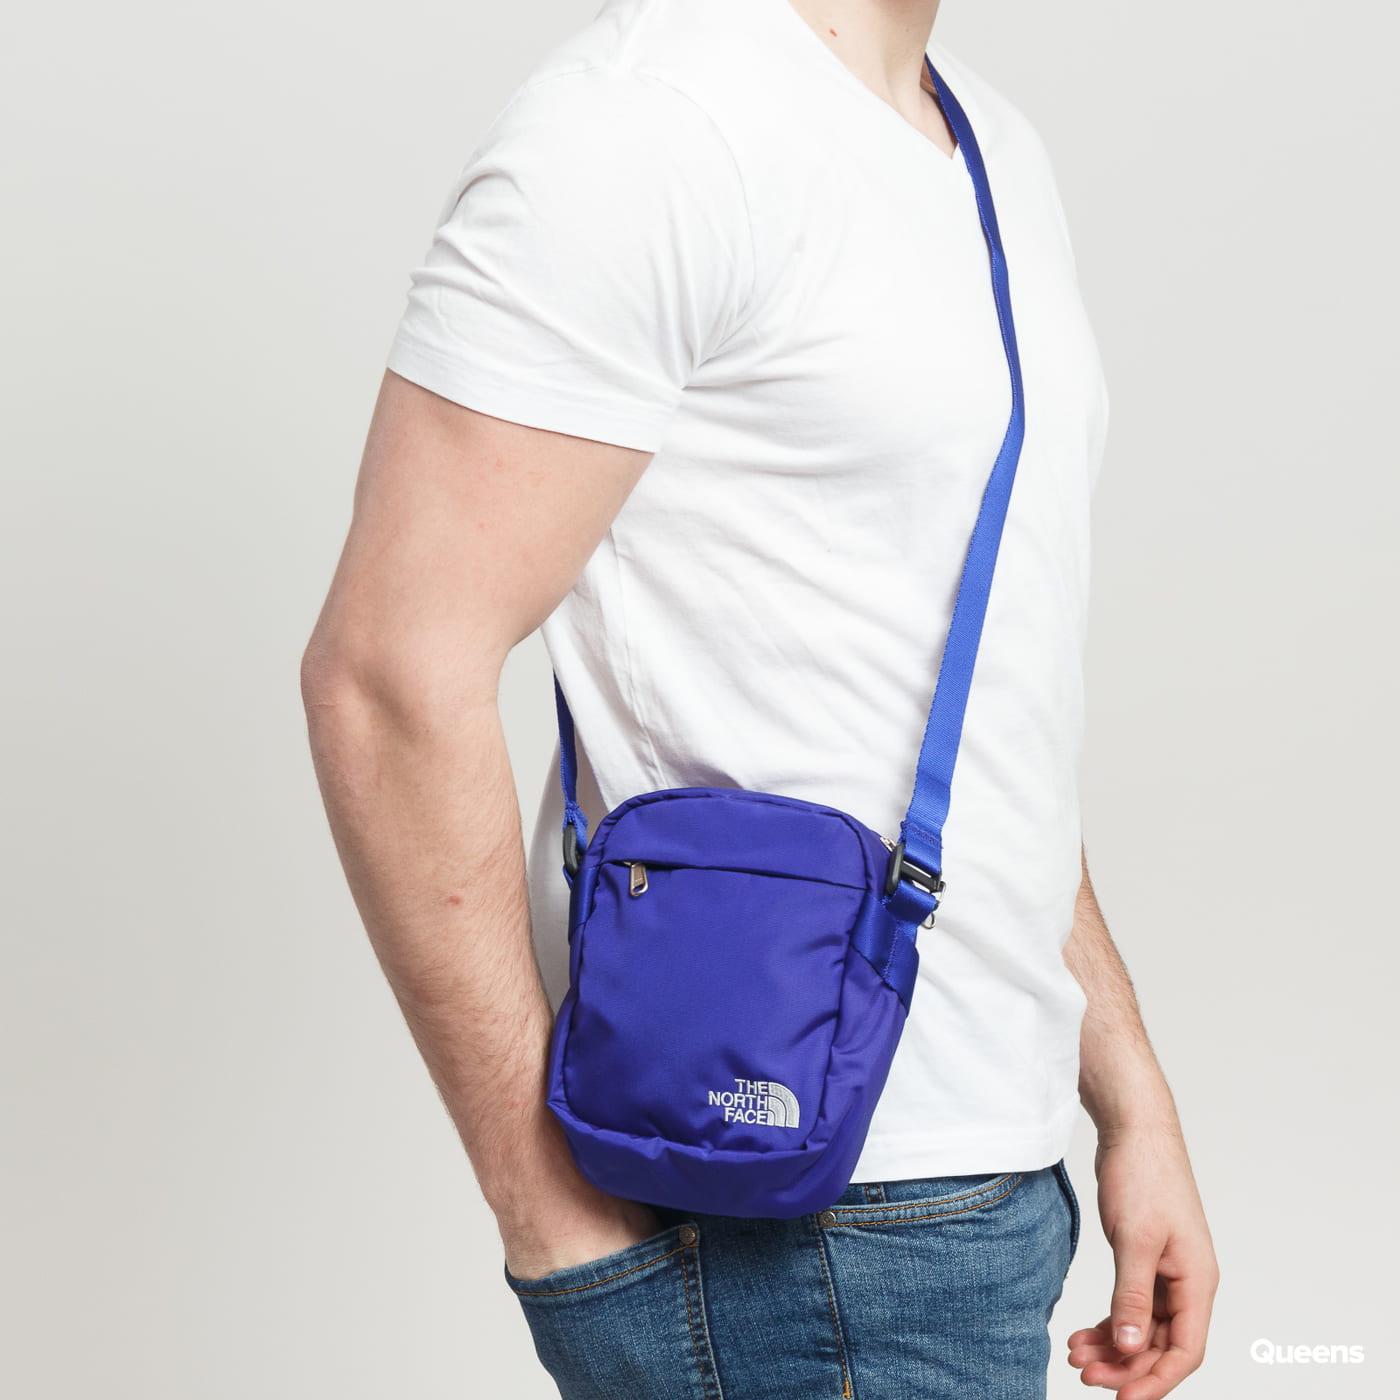 bc2c7684b64e0b Crossbody bag The North Face Convertible Shoulder Bag (T93BXBALV)– Queens 💚